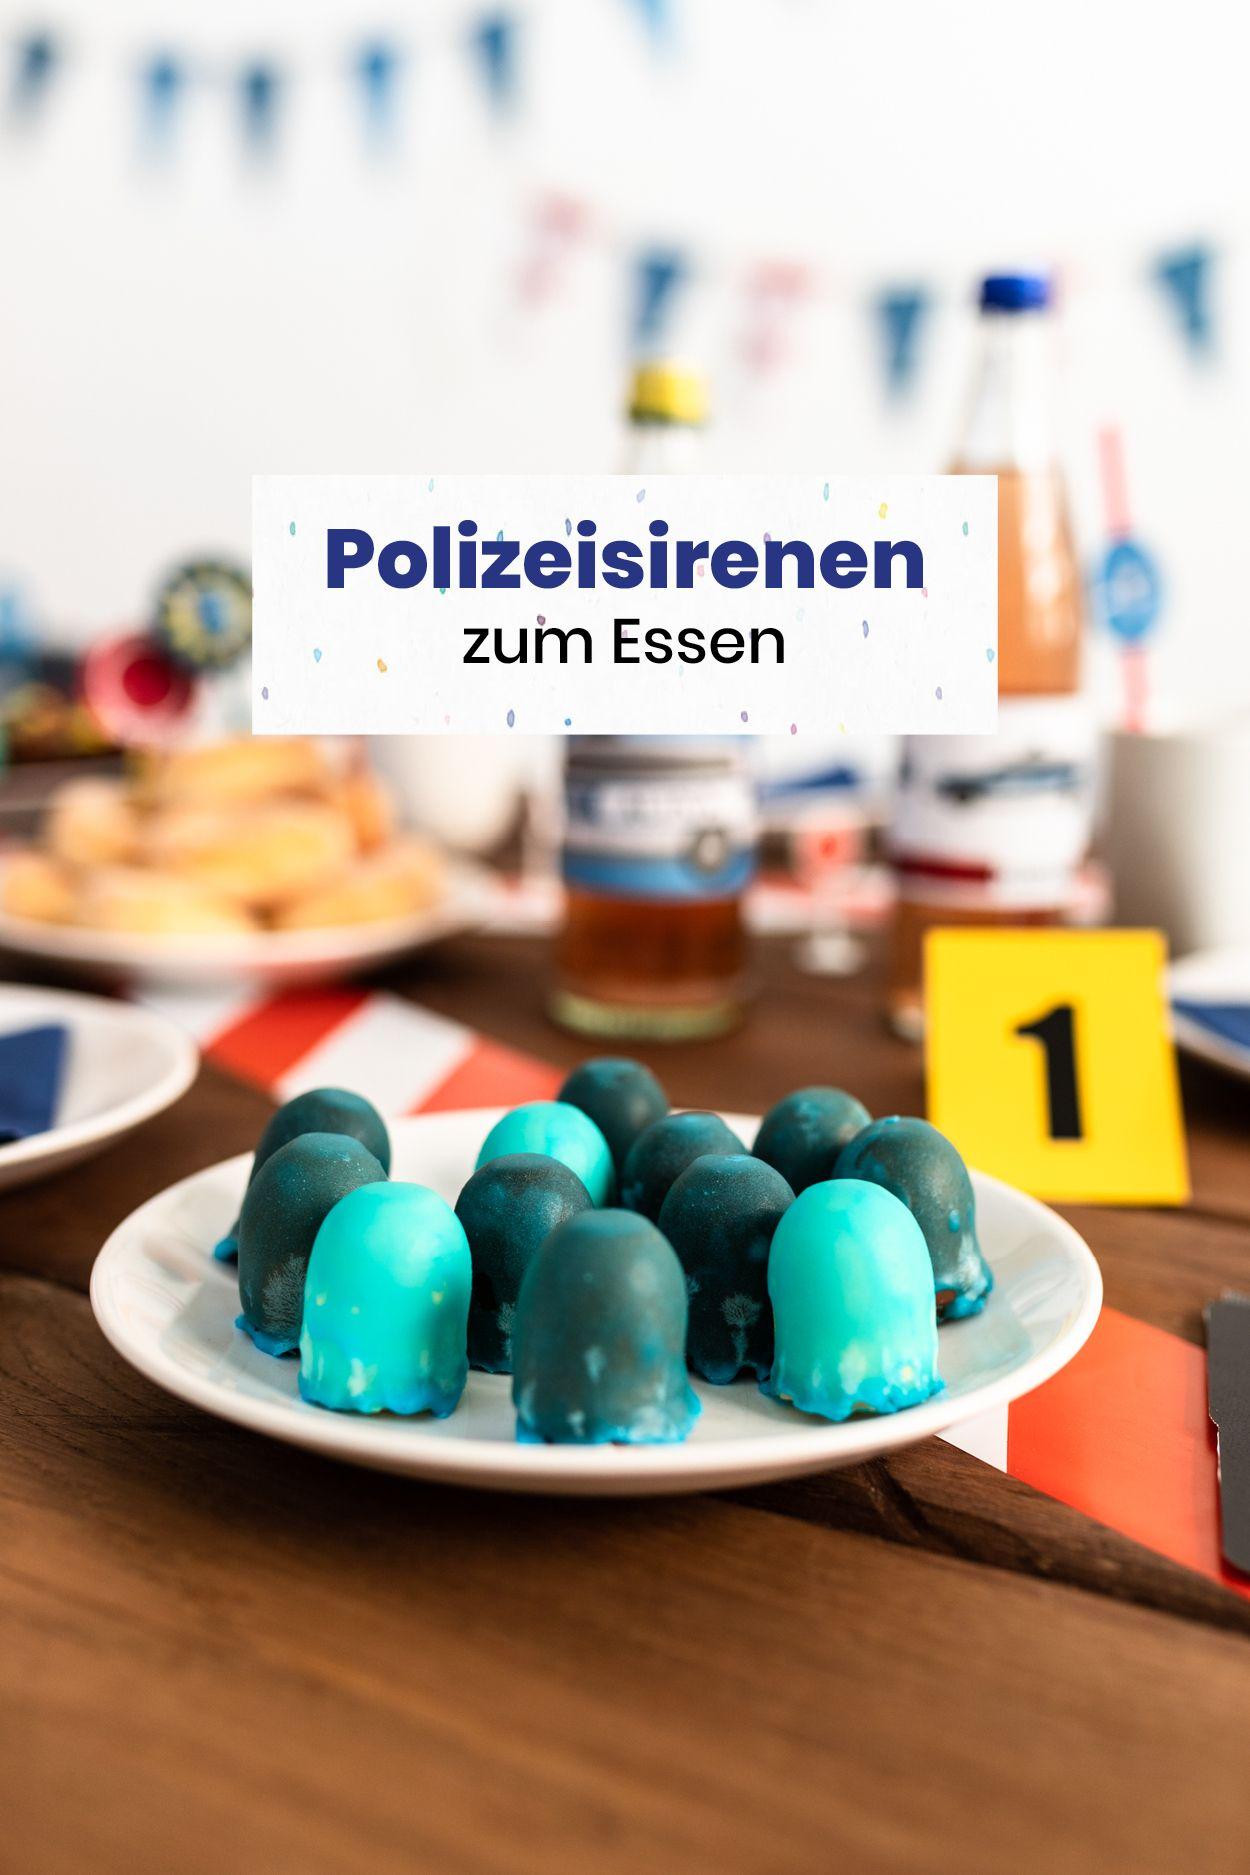 Selber Machen Von Stefanie Wilke In 2020 Polizei Geburtstag